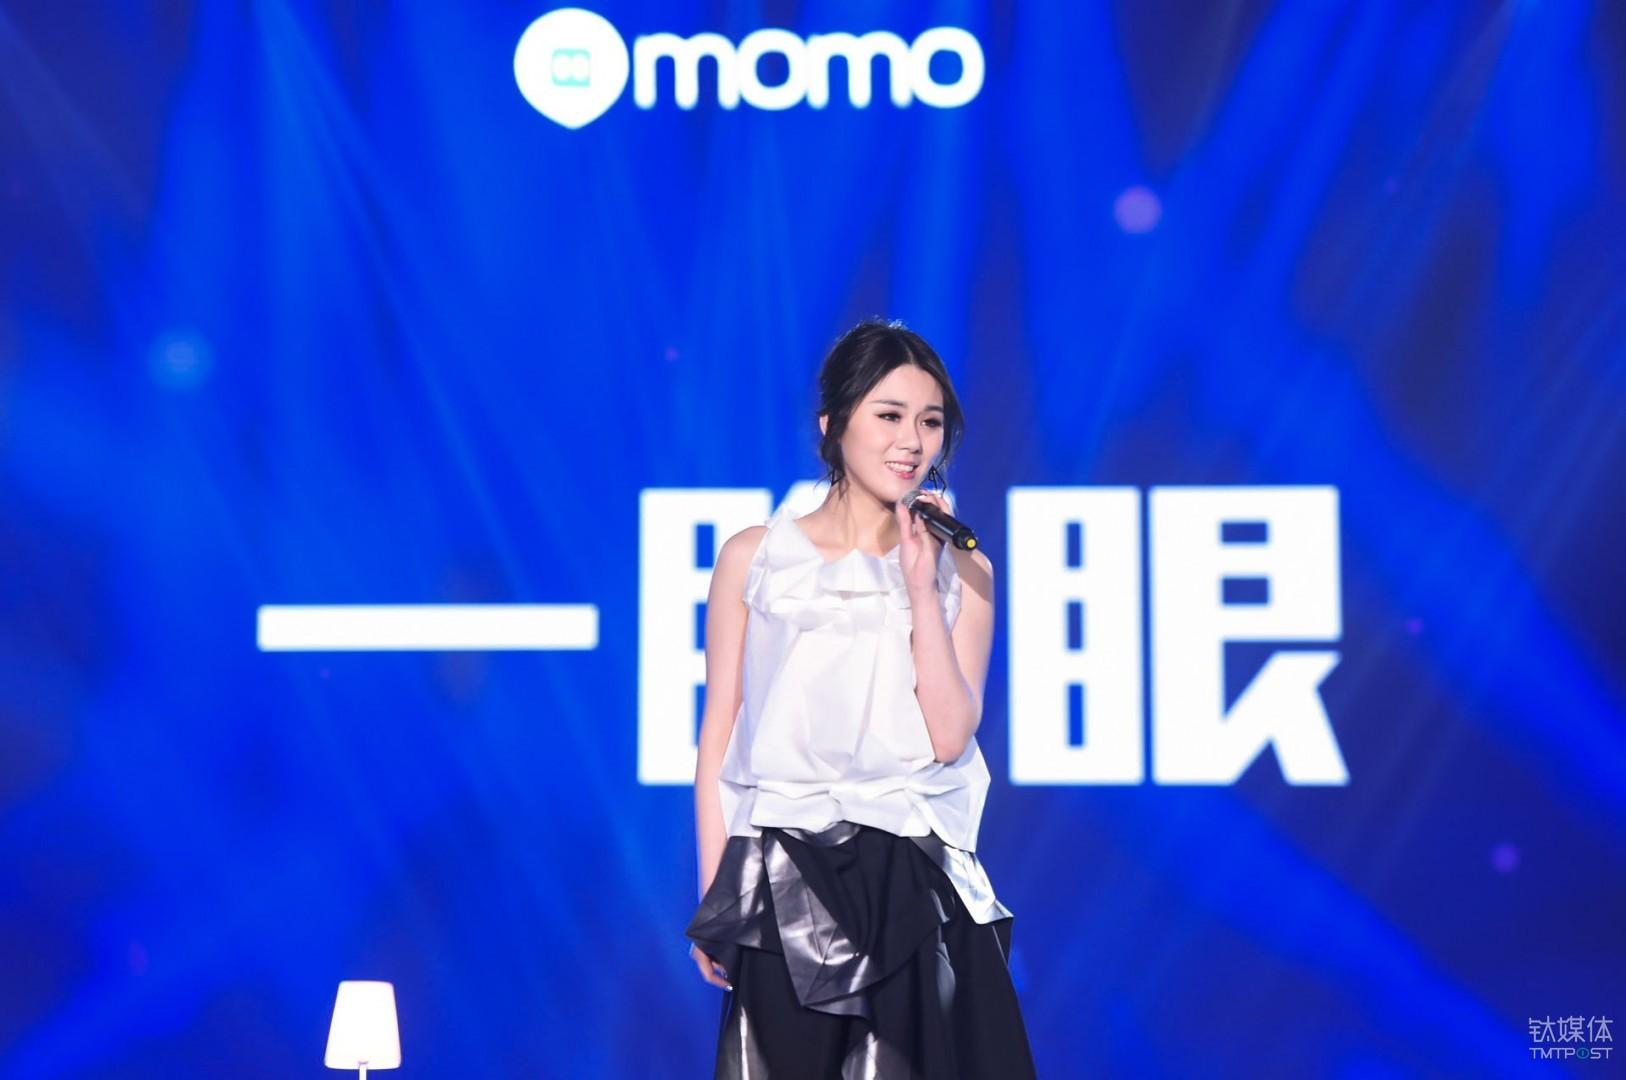 """原来在琴岛演出的歌手沈玮琦,参与了陌陌2017年的线下盛典""""17惊喜夜"""""""